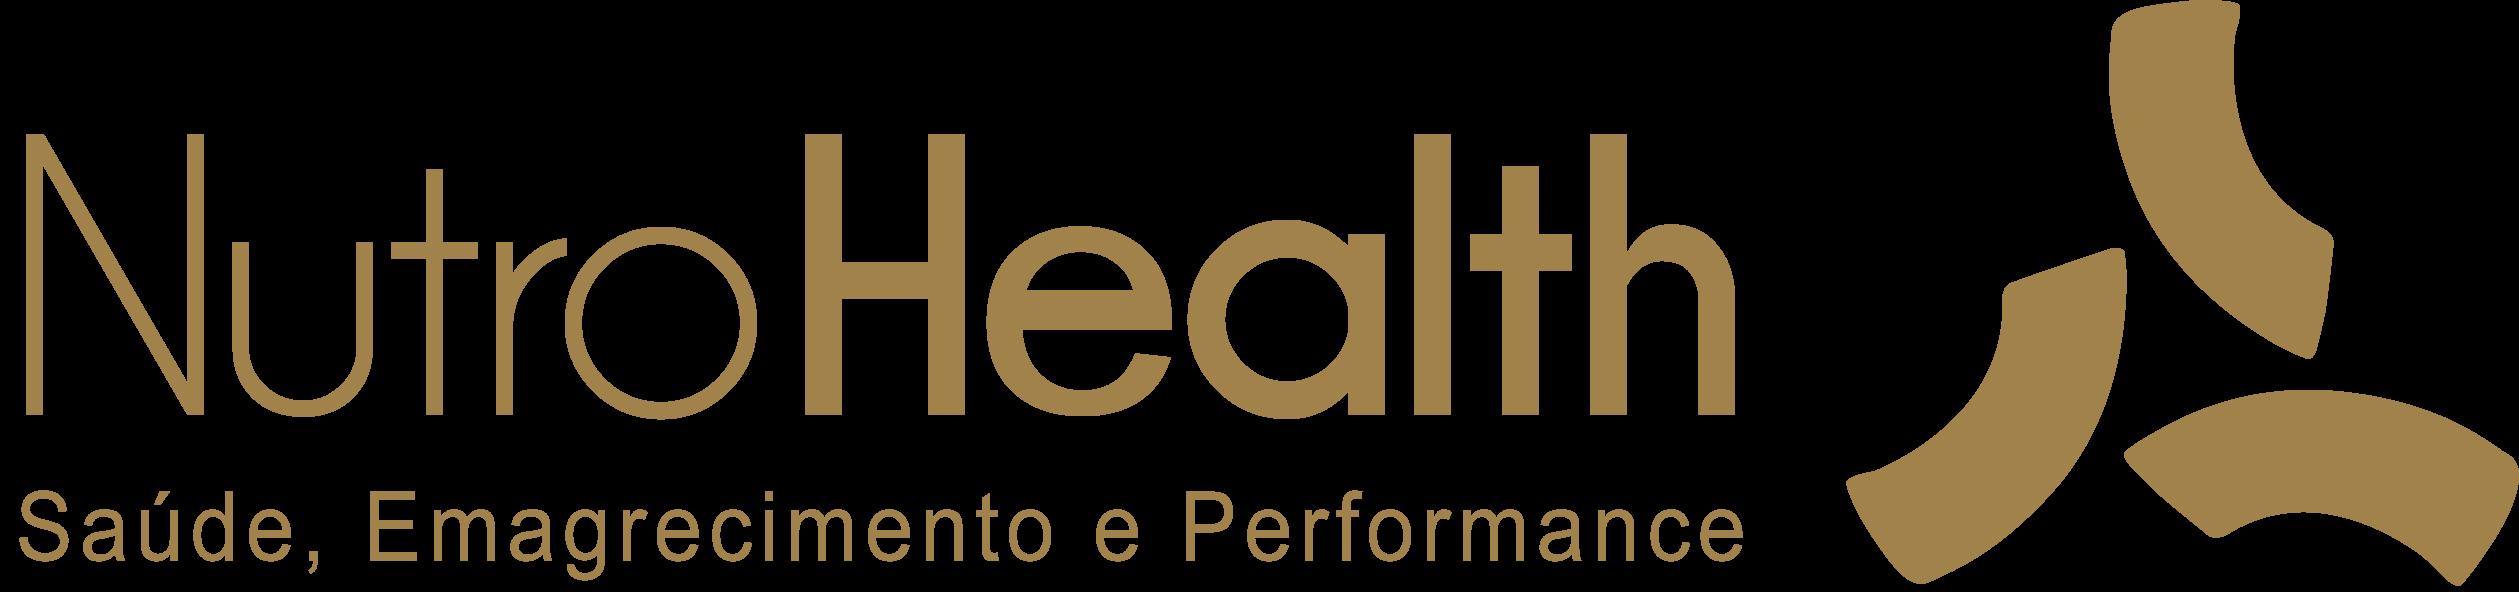 Clínica NutroHealth - Emagrecimento e Performance